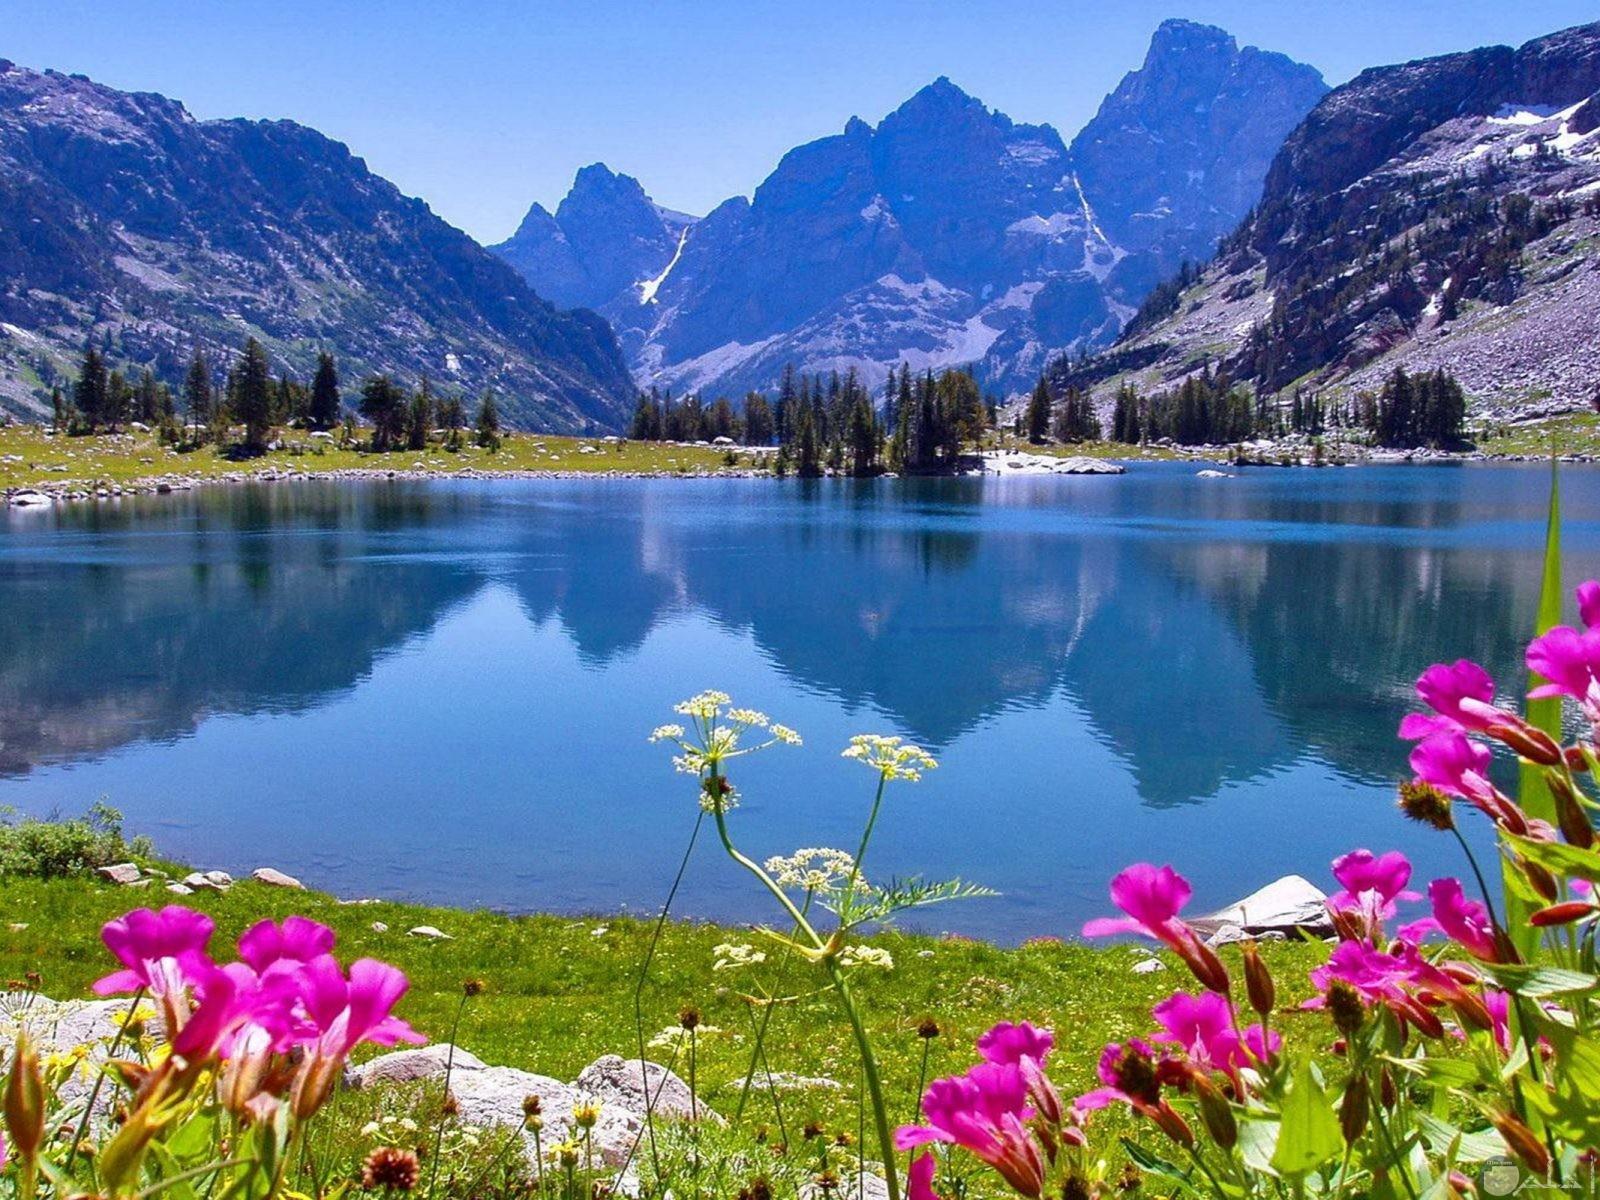 بحيرة رائعة يحيط بها سهول خضراء و سلسلة جبال رائعة.